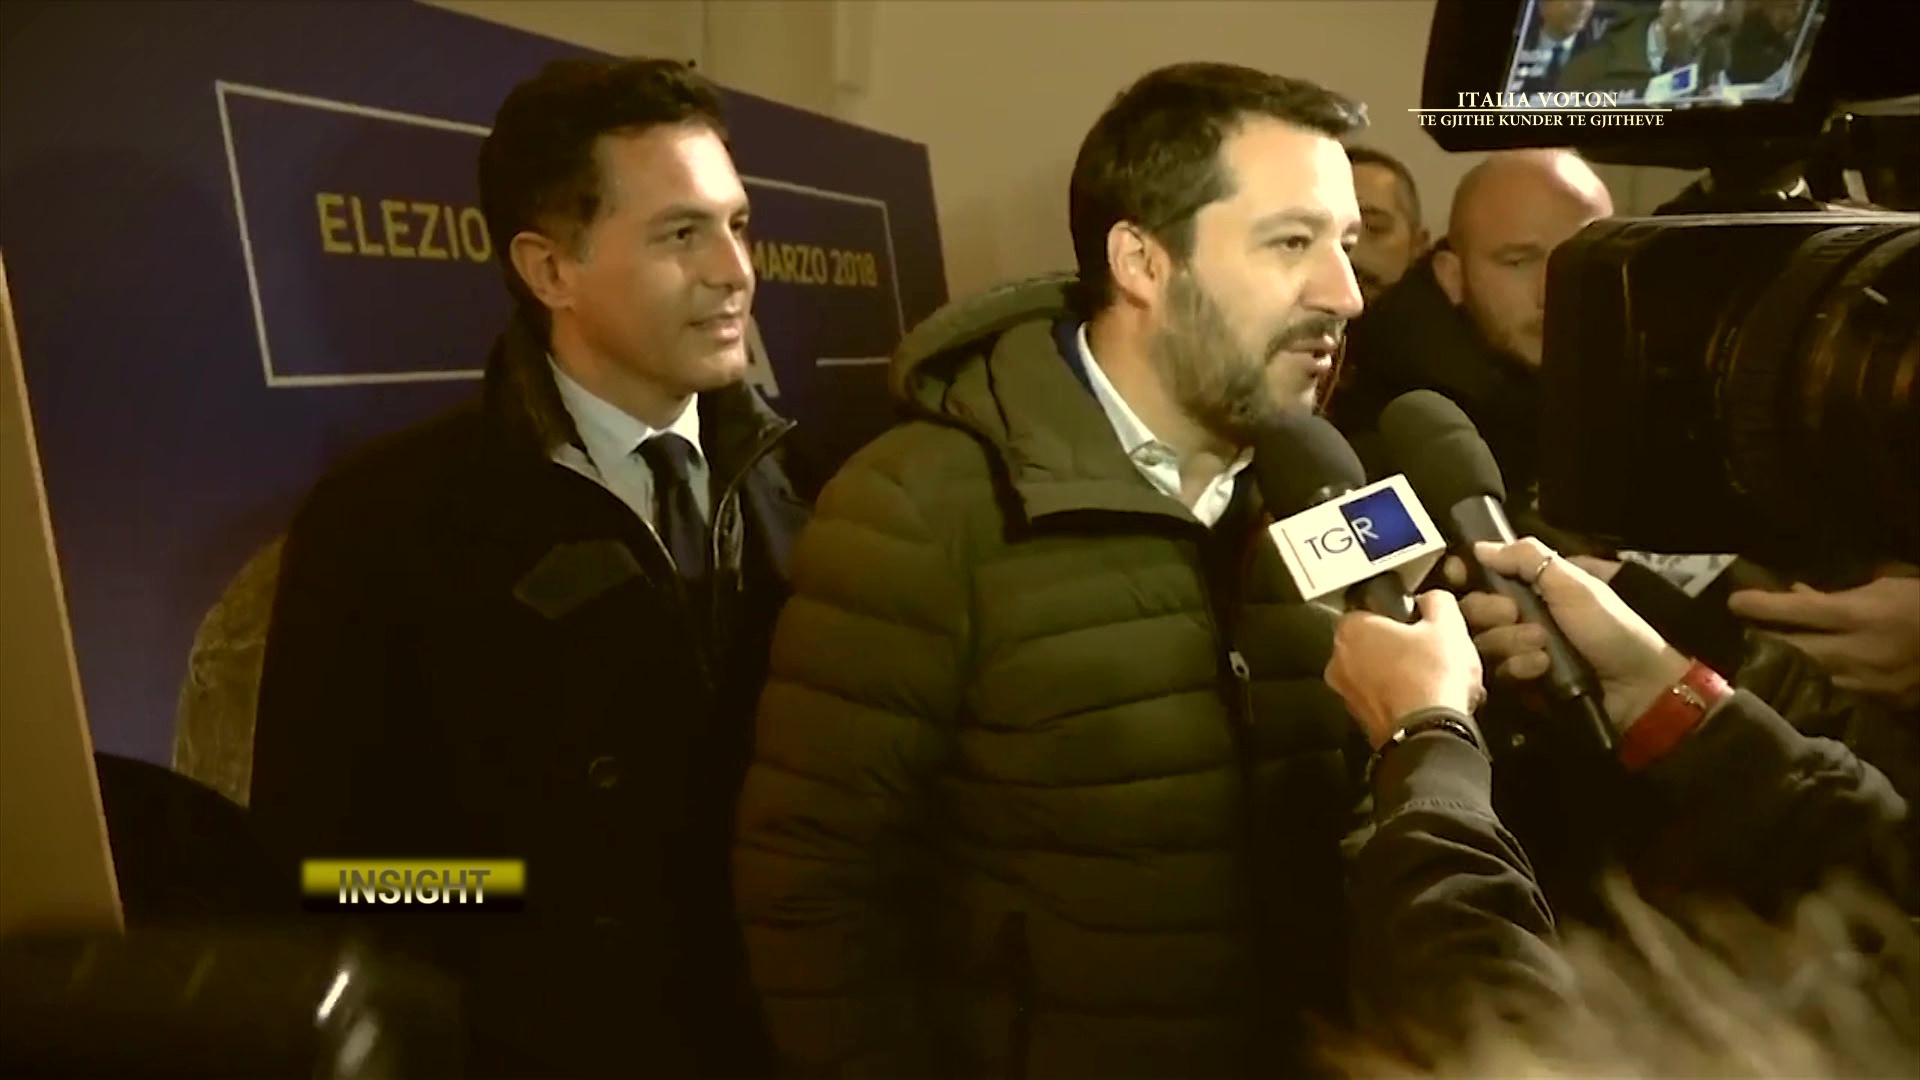 Zgjedhjet e përgjithshme në Itali